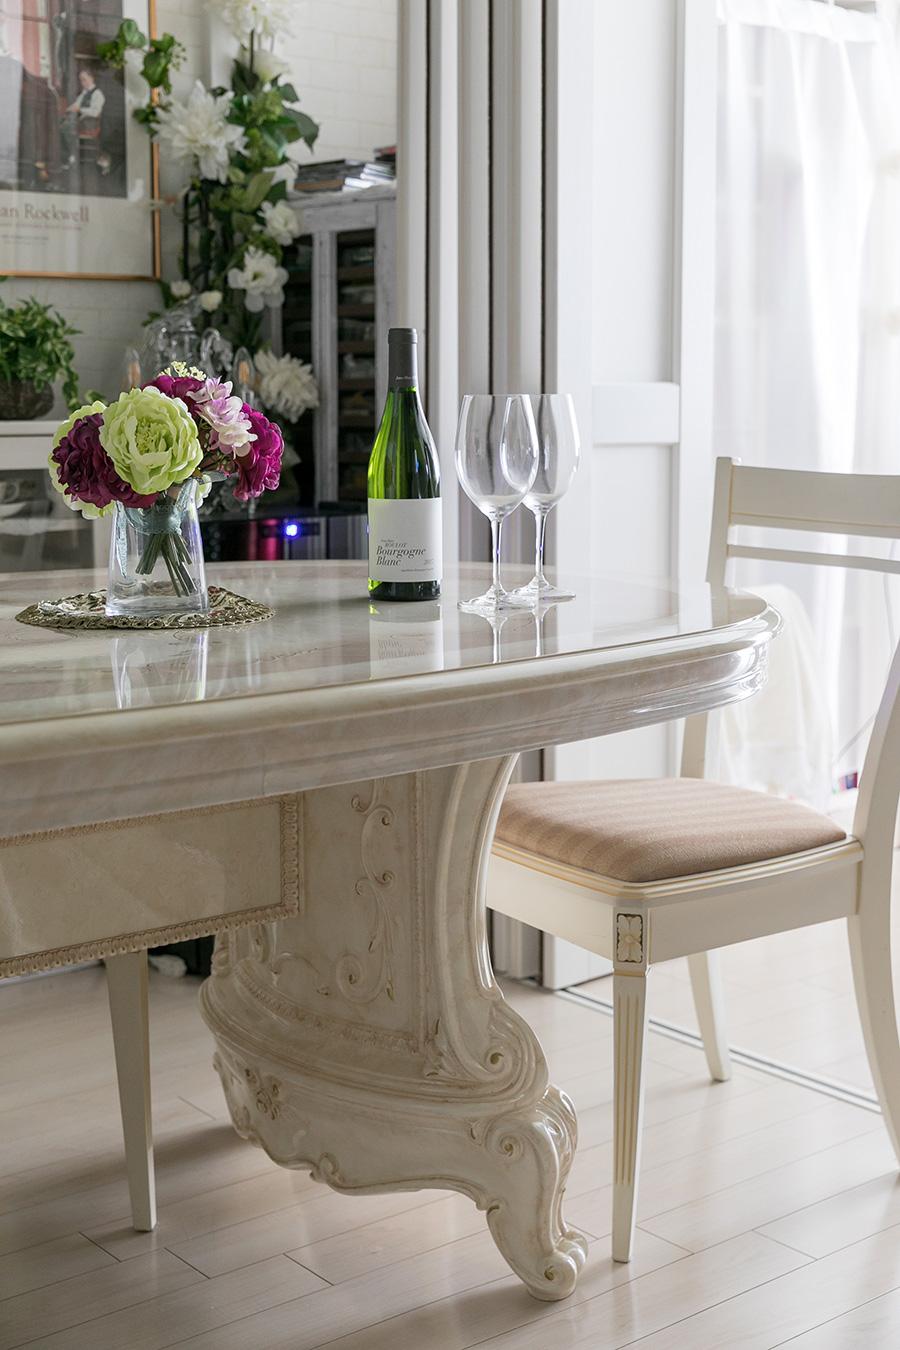 サルタレッリ・モビリ社のダイニングテーブル。角を気にせずゲストが座れるよう楕円形のテーブルを選んだ。